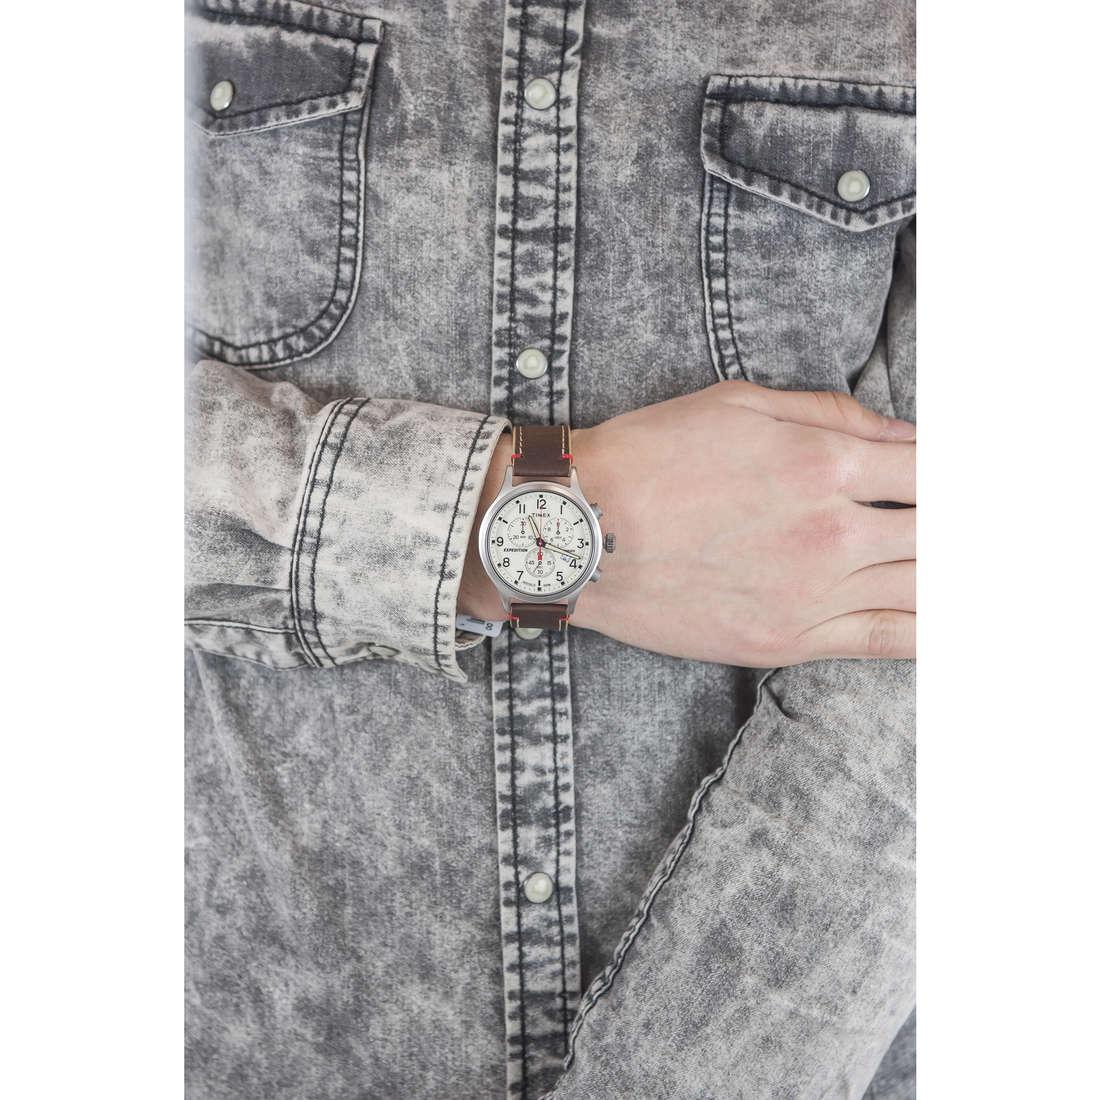 Timex cronografi Scout Chrono uomo TW4B04300 indosso